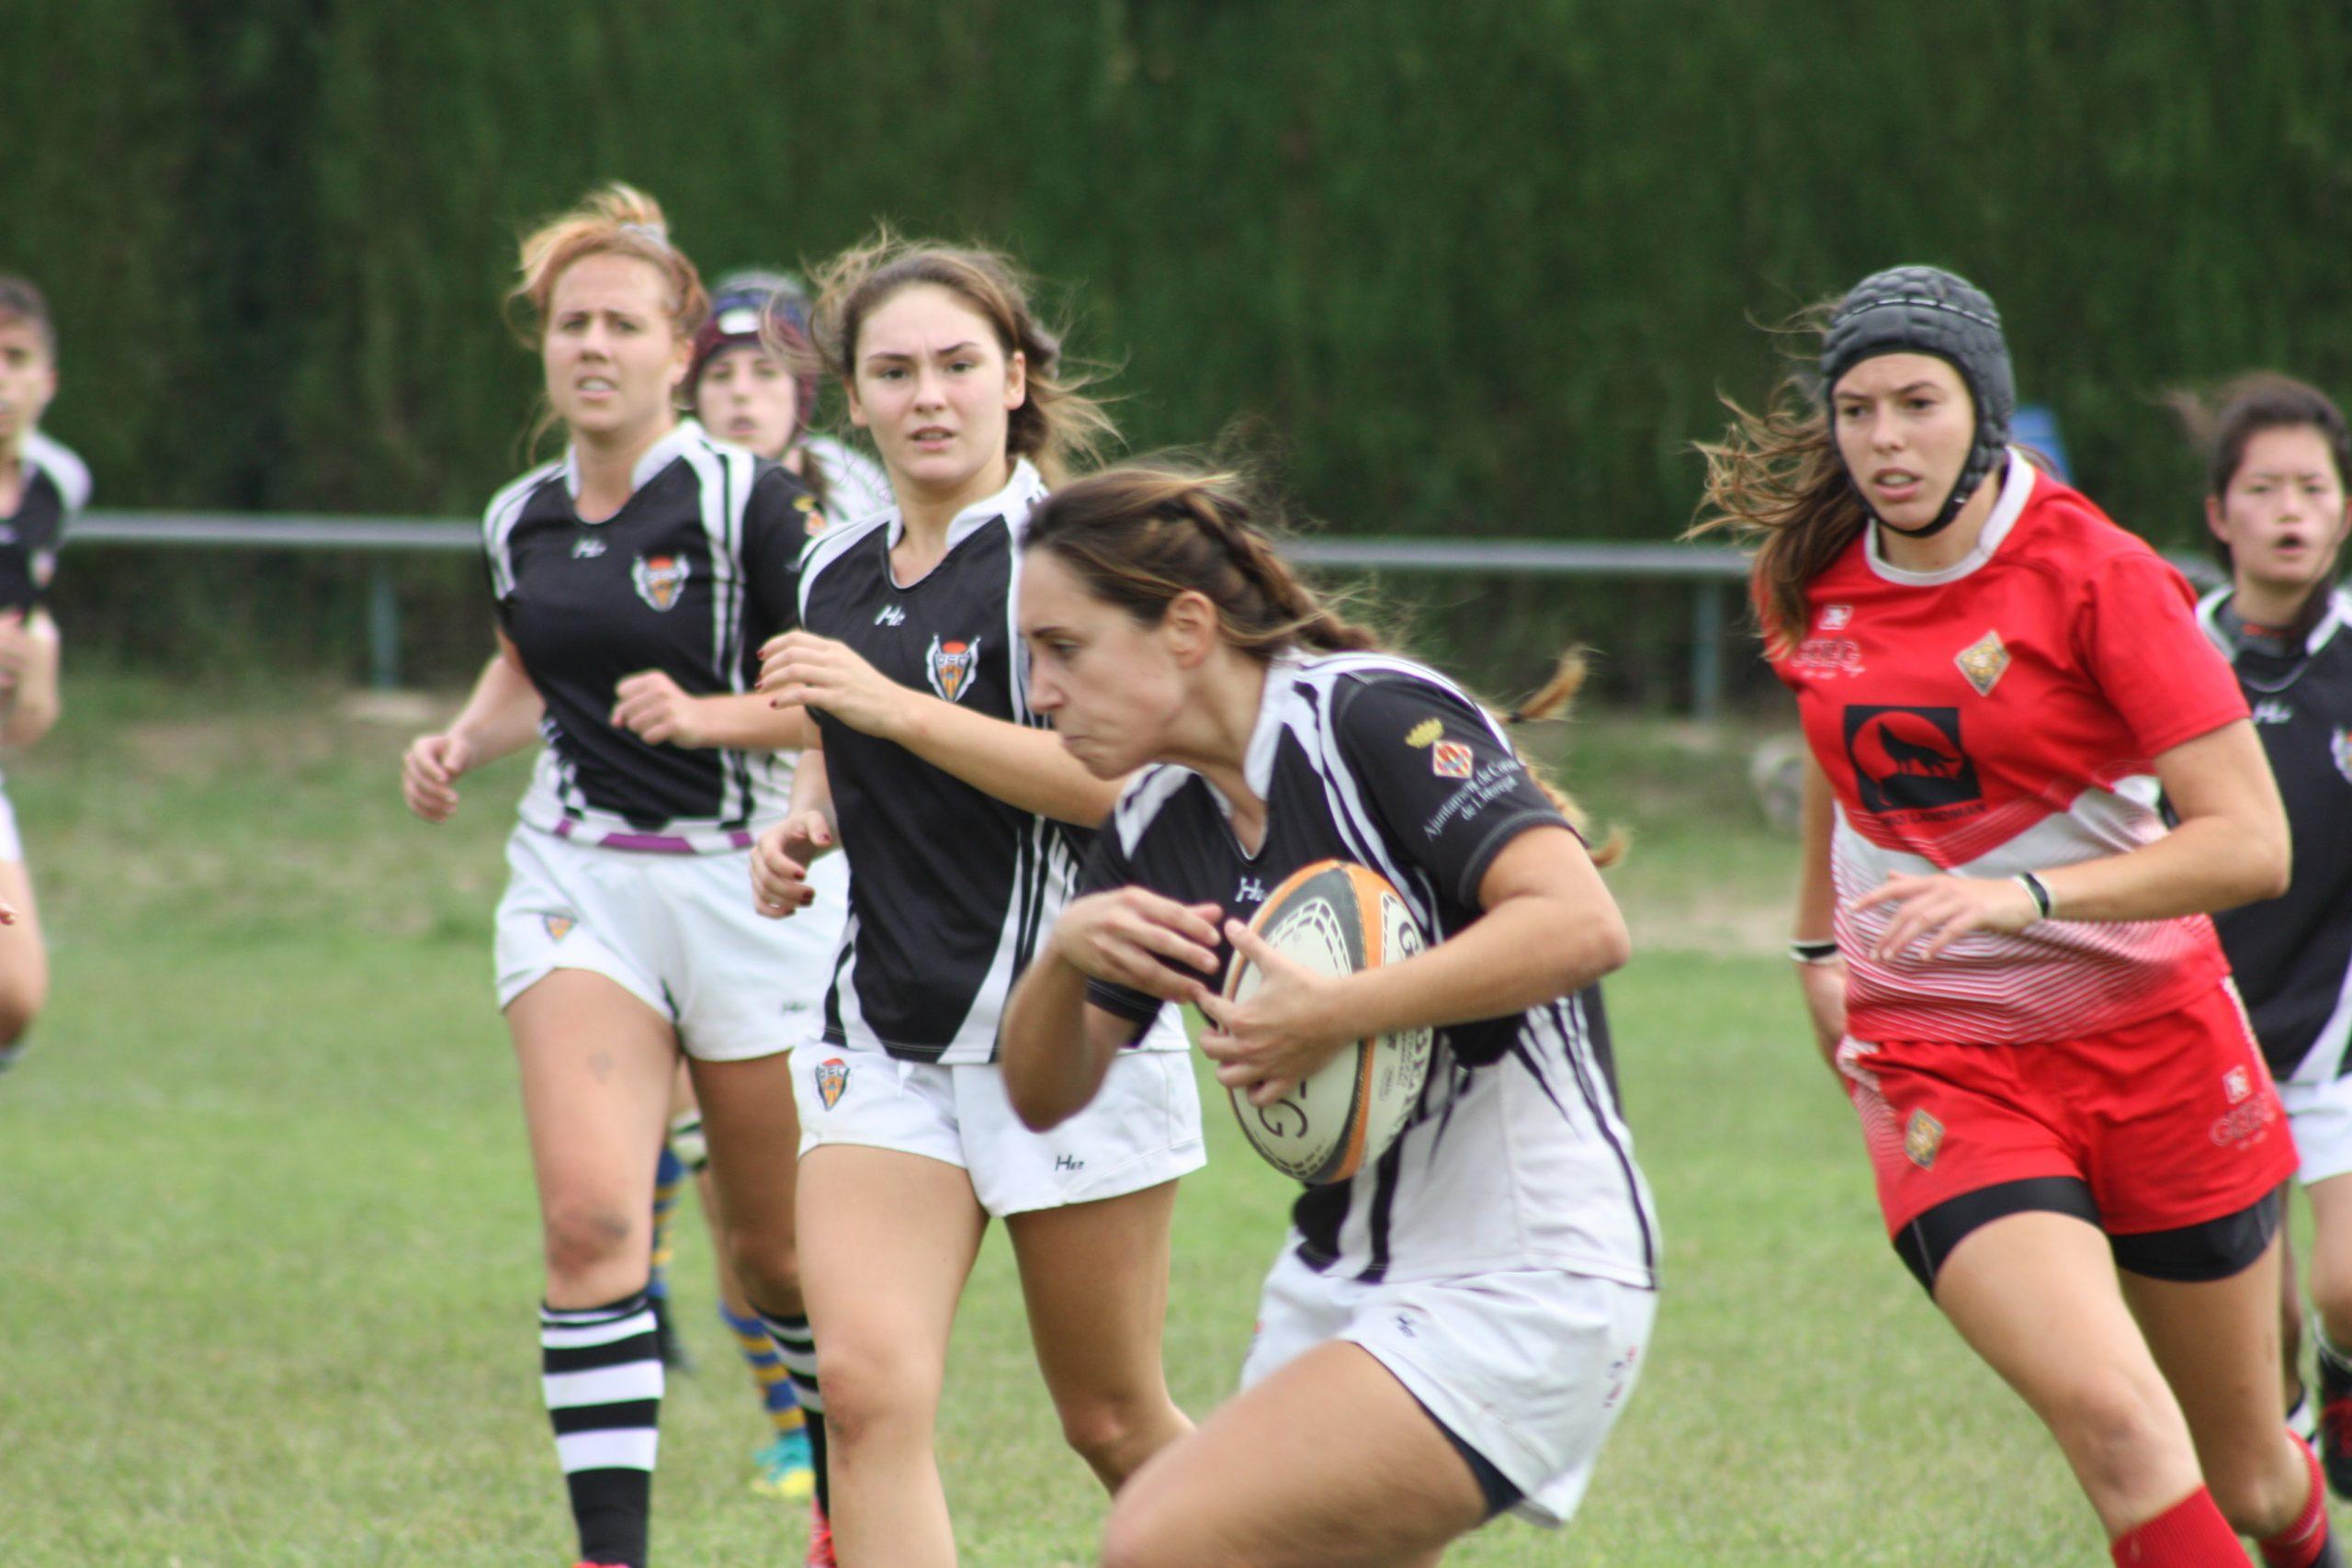 partido girona vs CRUC Cornella, en el torneo previo de la DHC senior femenino